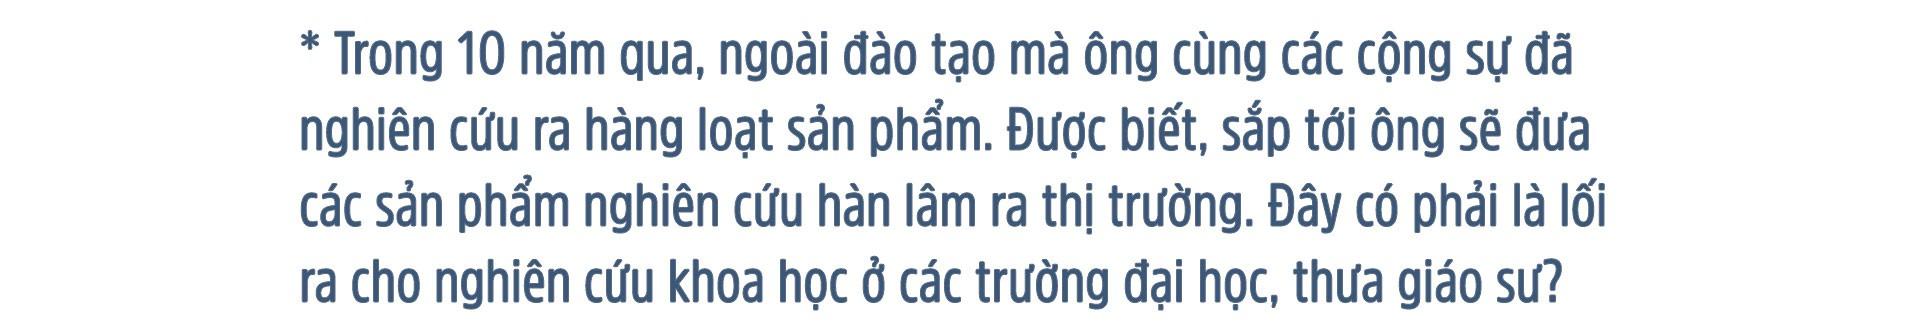 GS Võ Văn Tới: Về nước vì sinh viên Việt Nam thất bại - Ảnh 12.